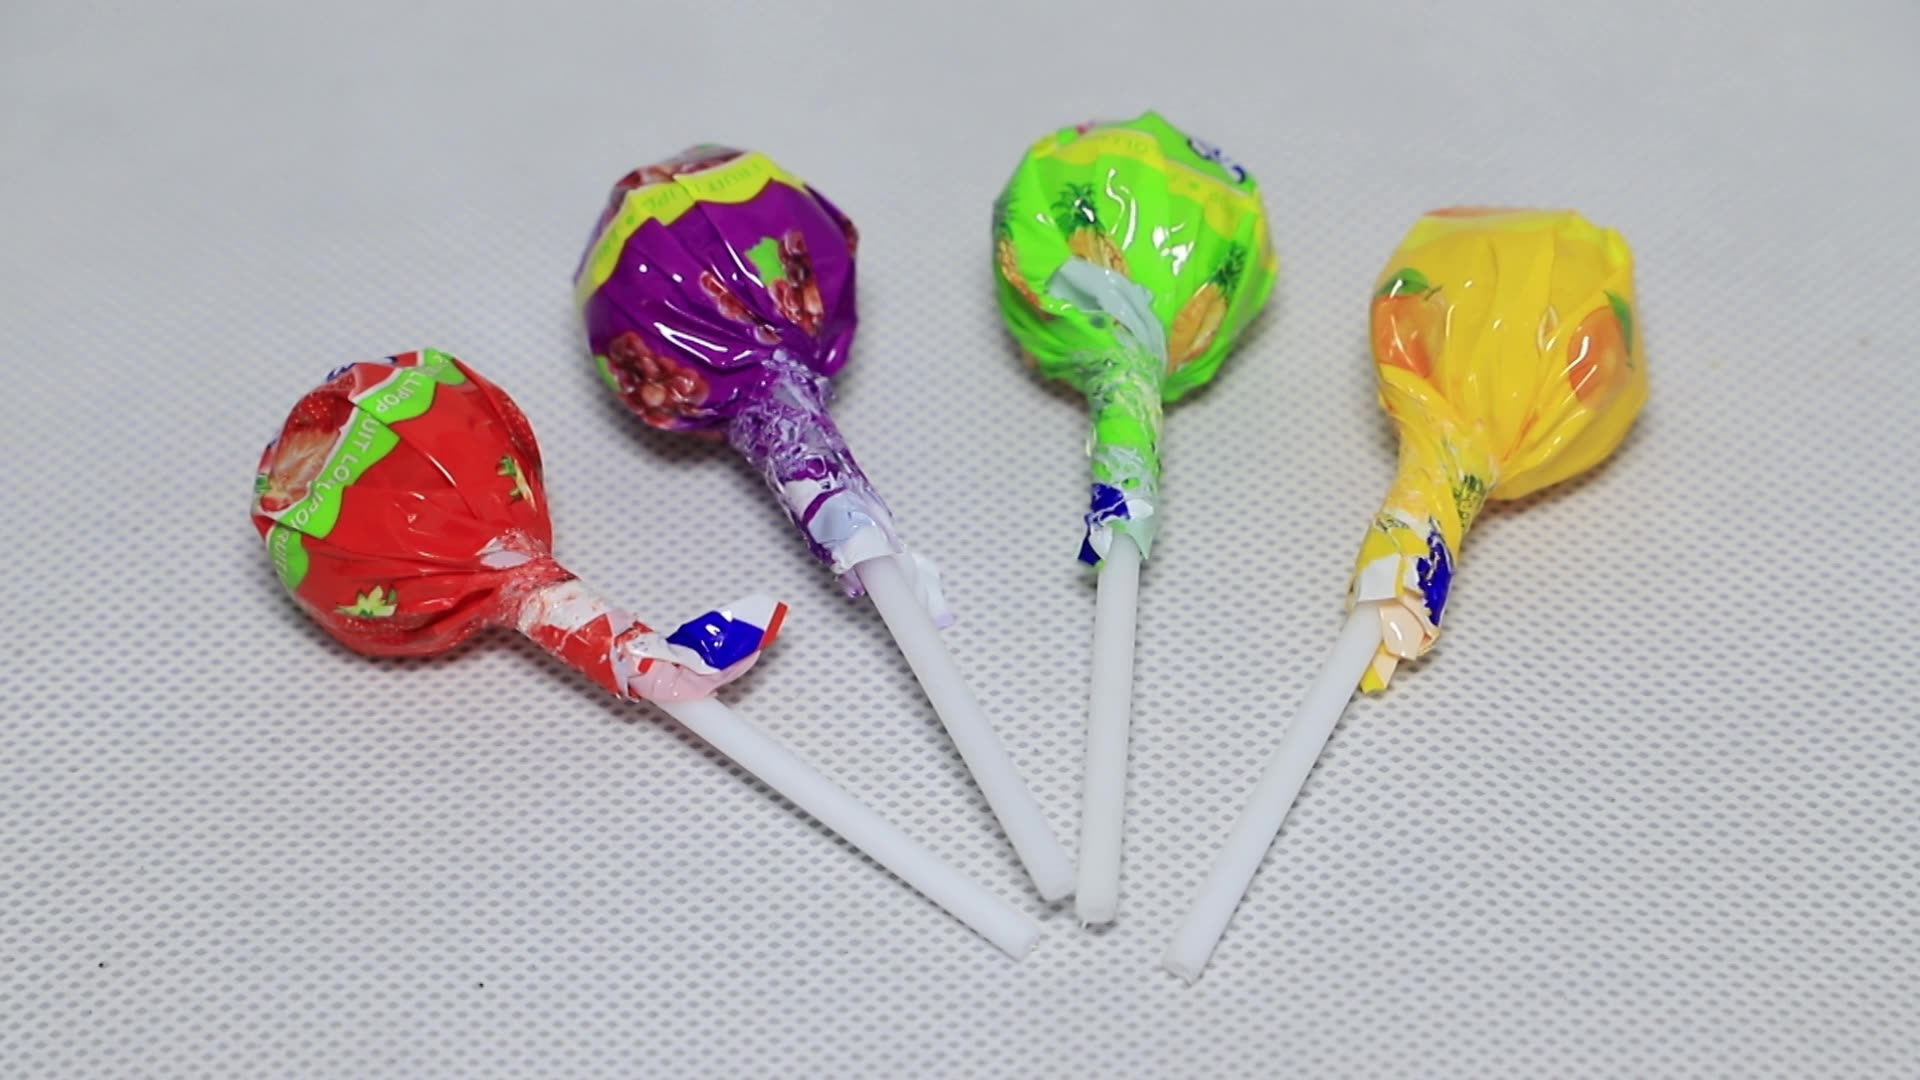 זול מחיר פירות טעם קשה lollipop